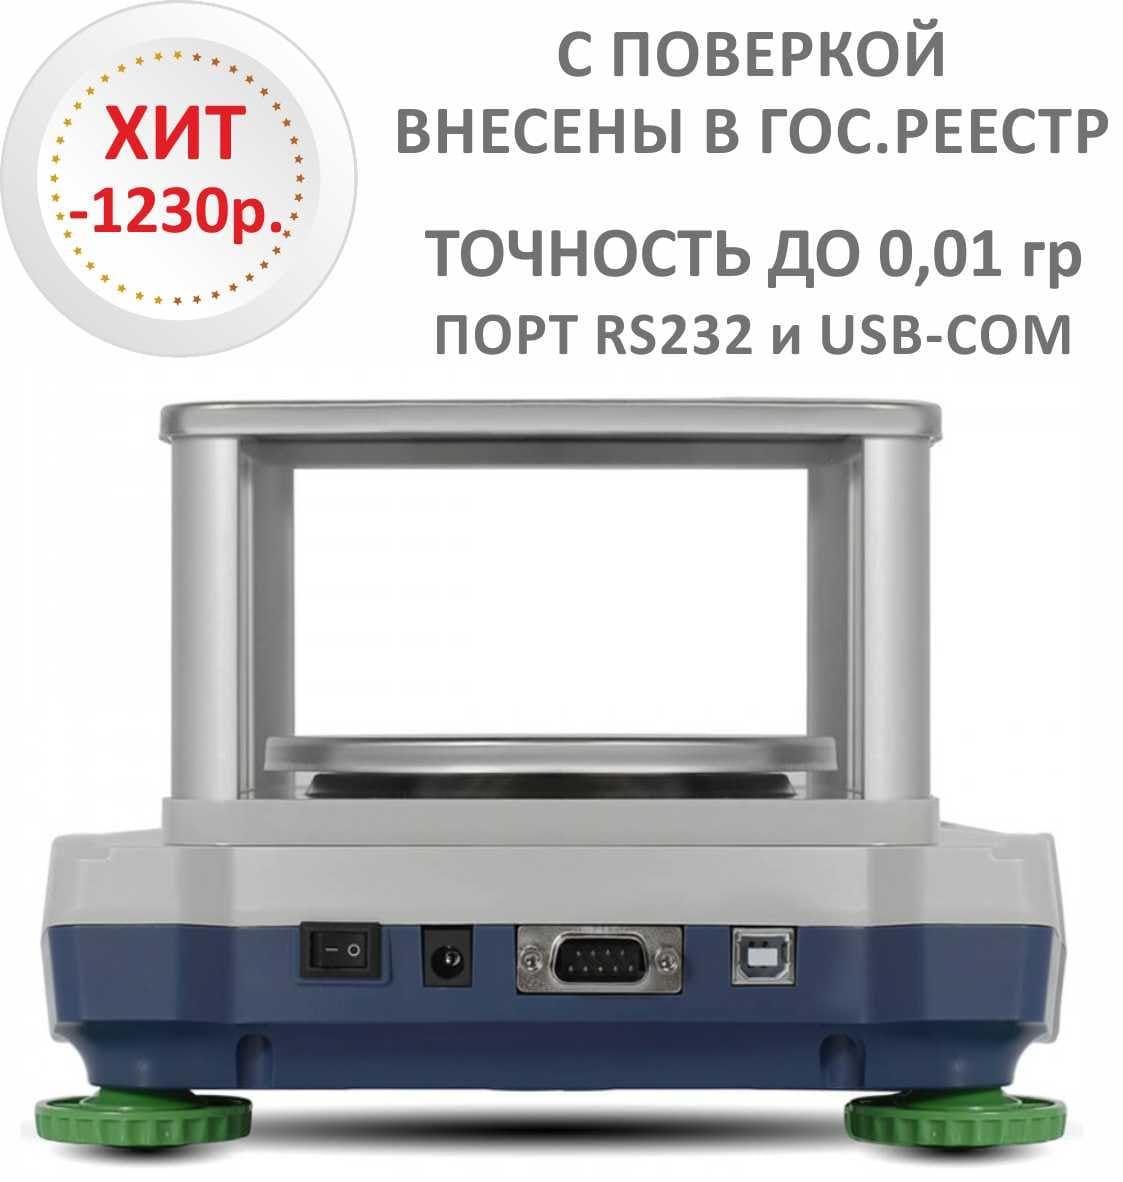 Весы лабораторные/аналитические M-ER 123 АCFJR-300.01 SENSOMATIC TFT RS232 и USB - вид сзади